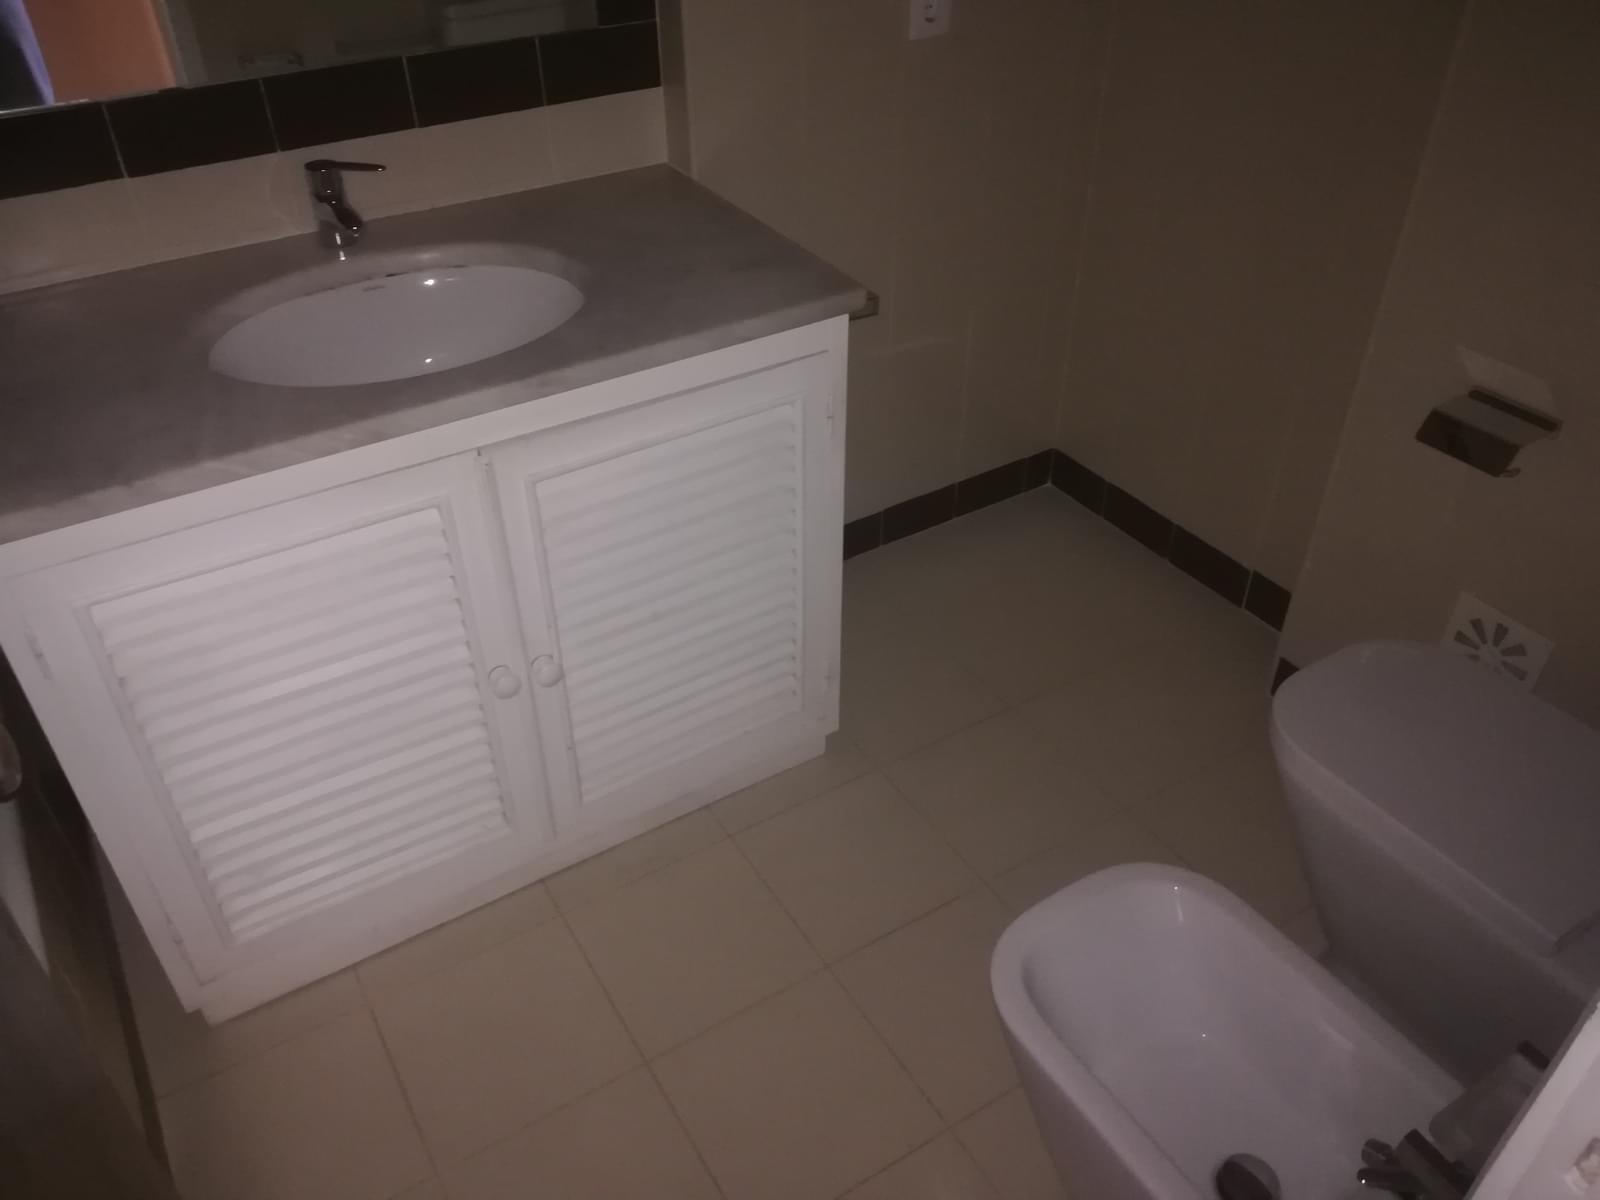 pf17568-apartamento-t3-oeiras-1782c023-20d3-4dc1-9a7b-9de80f48a5ae